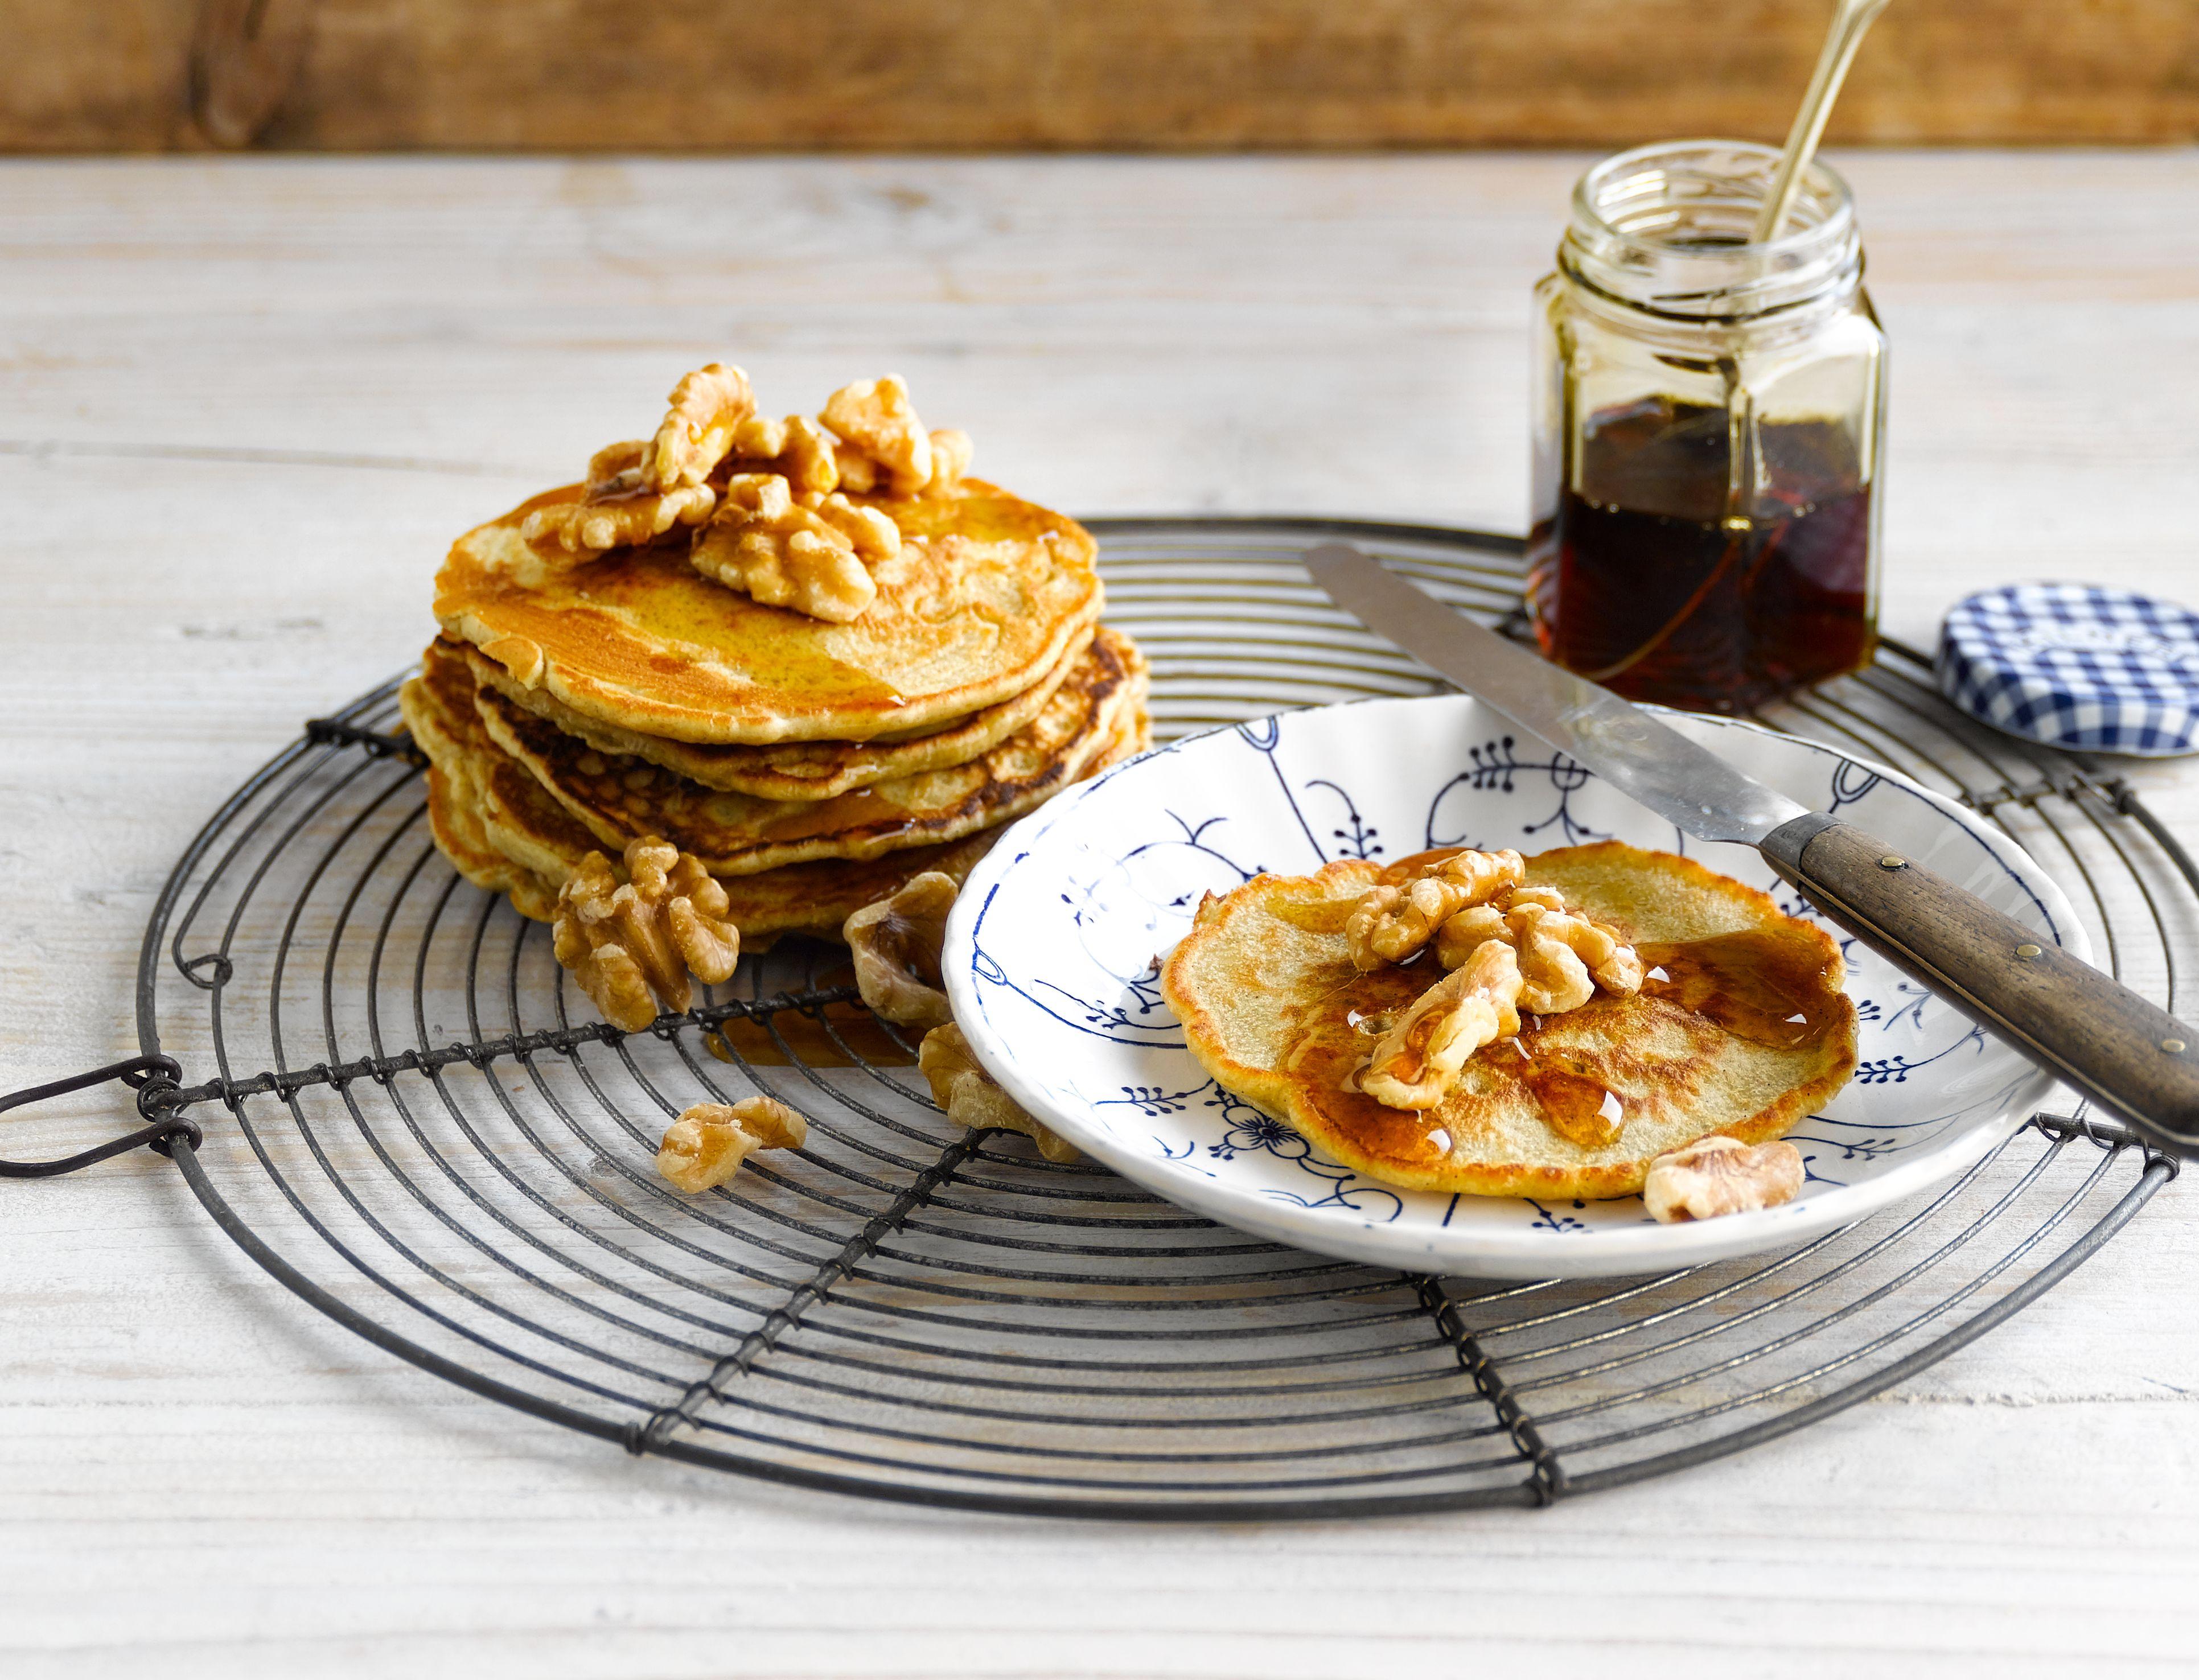 gezonde pannekoeken recepten